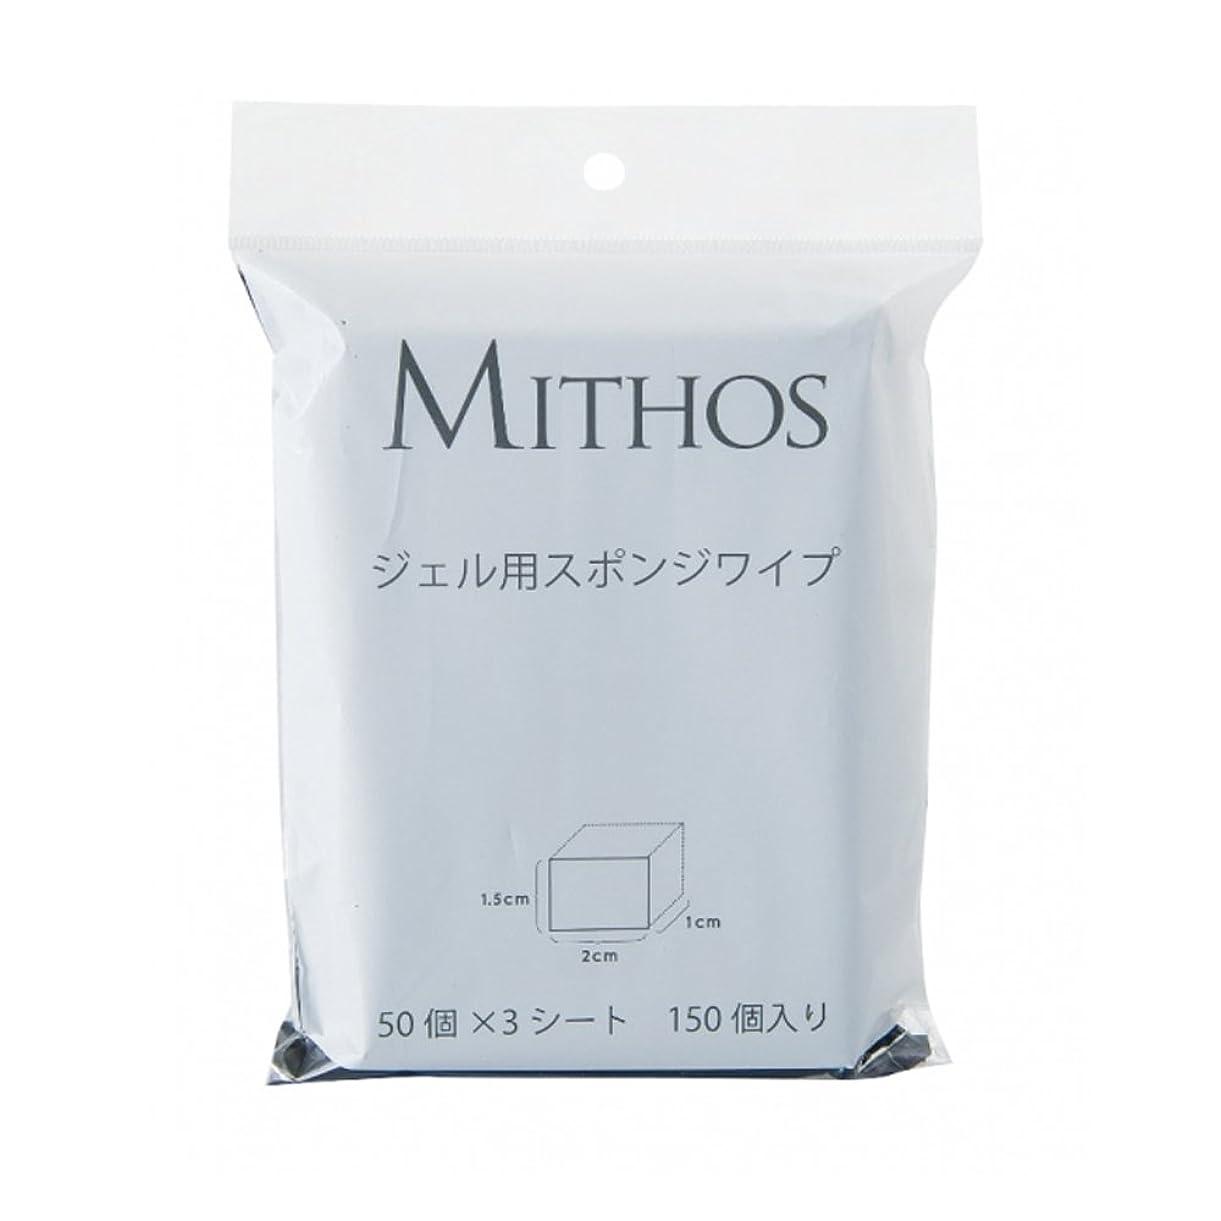 ガムホバーだらしないMITHOS ジェル用スポンジワイプ 150P 1.5×2×1cm 50個×3シート